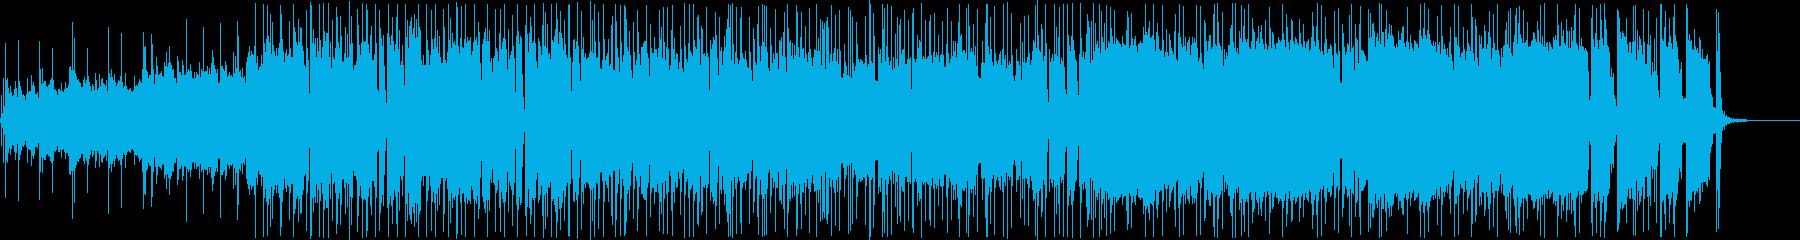 ノリがよくてシンプルなロックの再生済みの波形